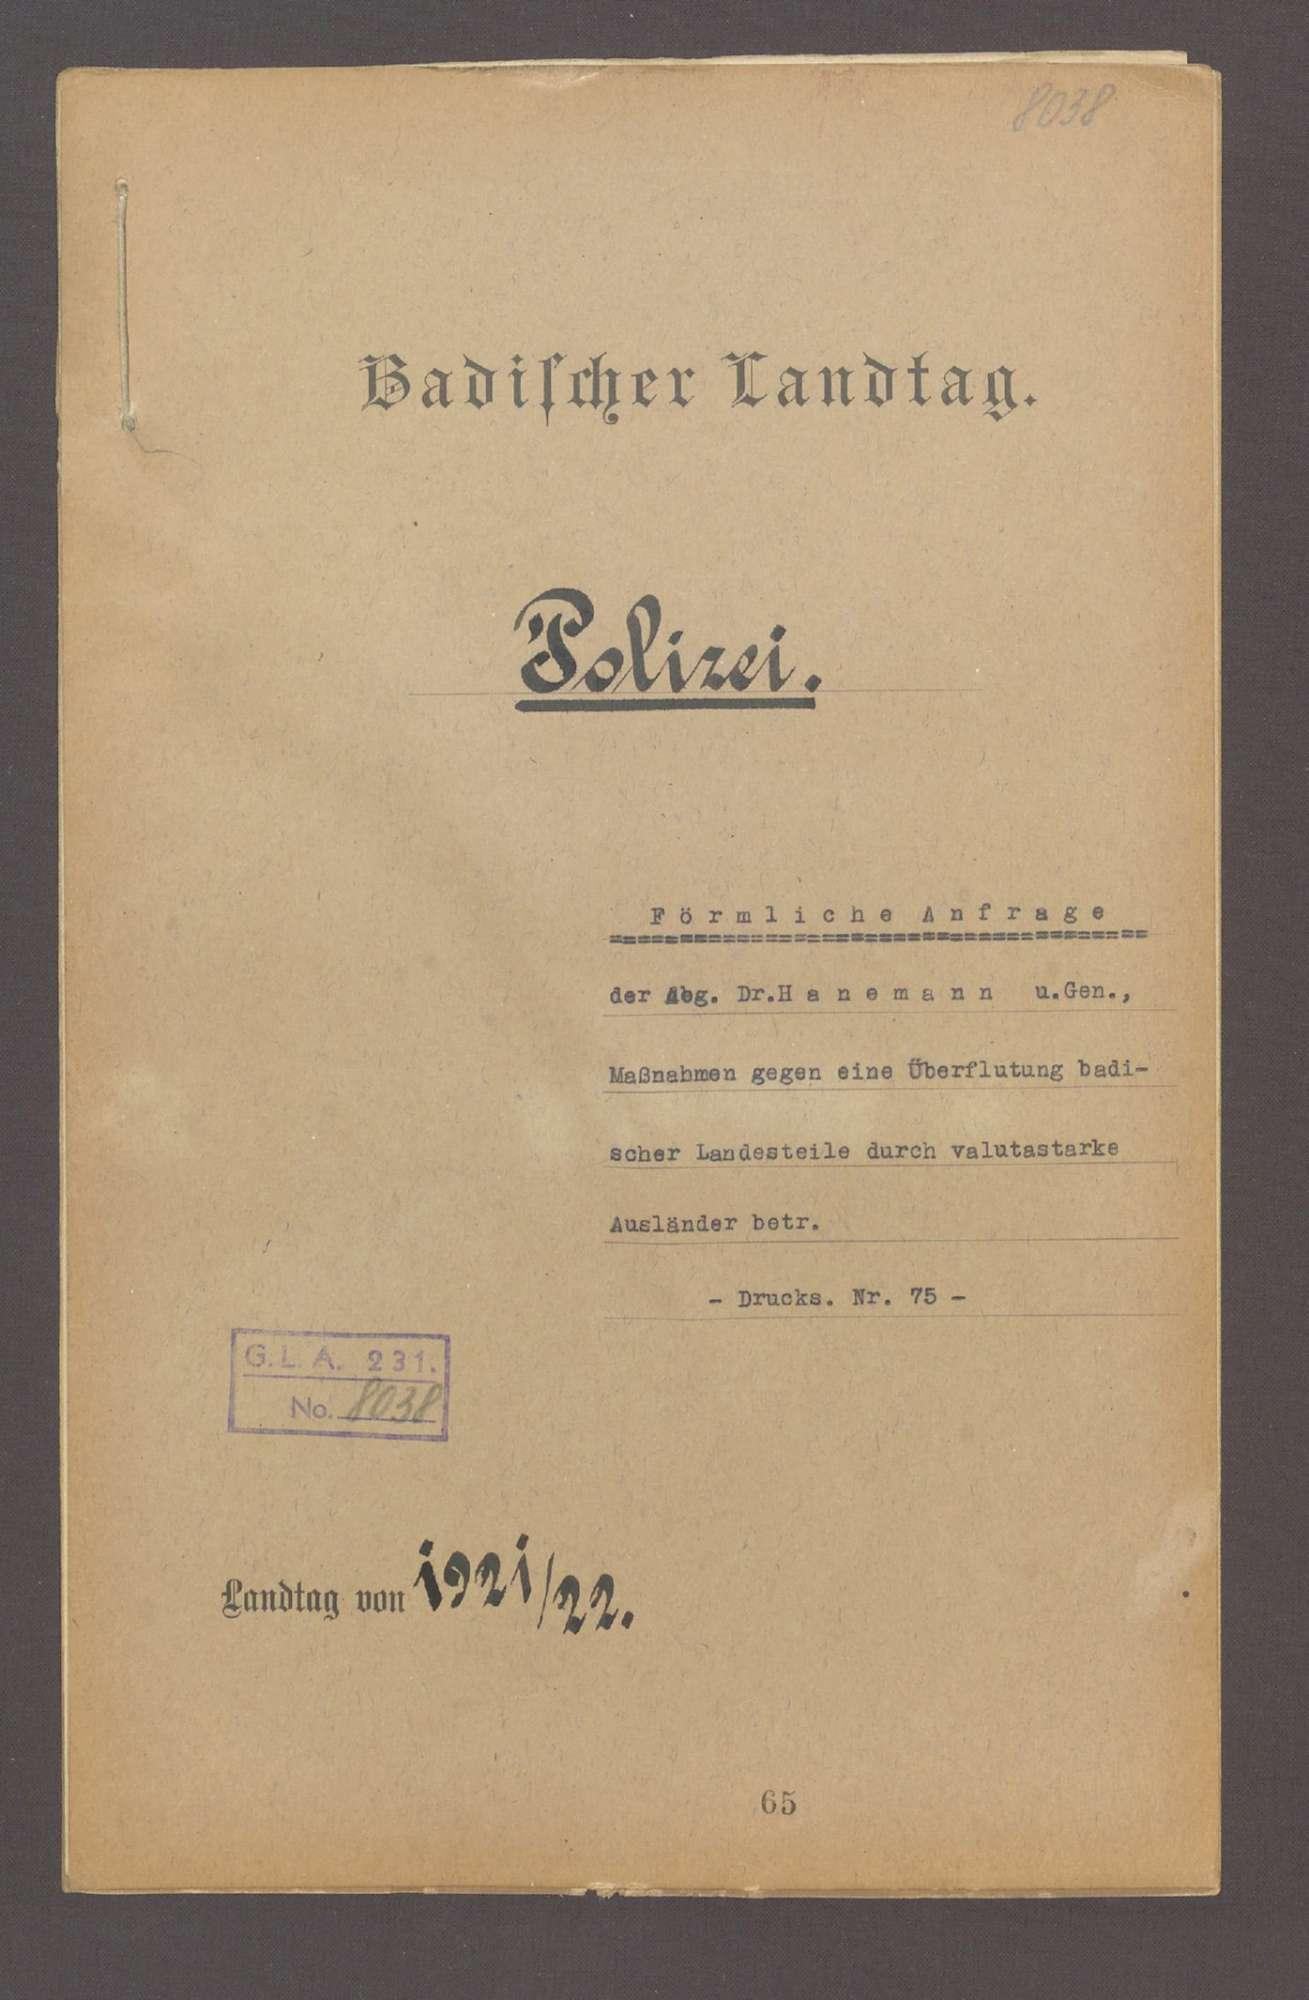 Förmliche Anfrage der Abg. Dr. Hanemann u. Gen., Maßnahmen gegen eine Überflutung badischer Landesteile durch valutastarke Auländer betr. -Drucks. Nr. 75-, Bild 1